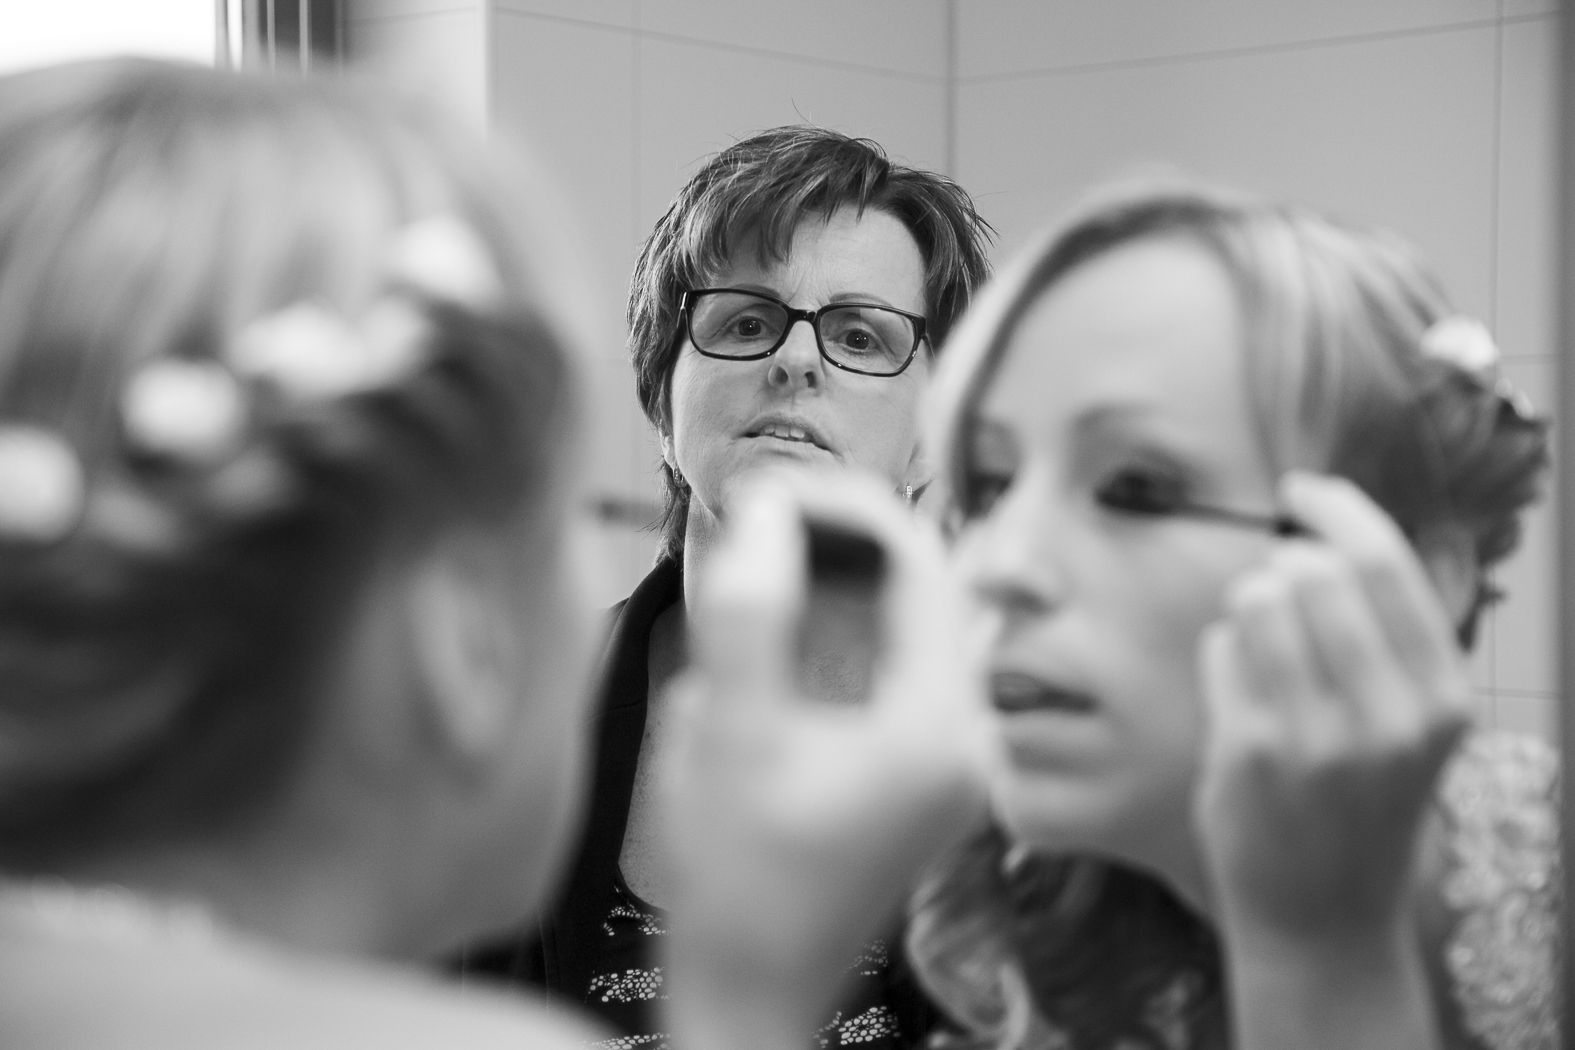 Voorbereidingen voor De dag, make up aanbrengen